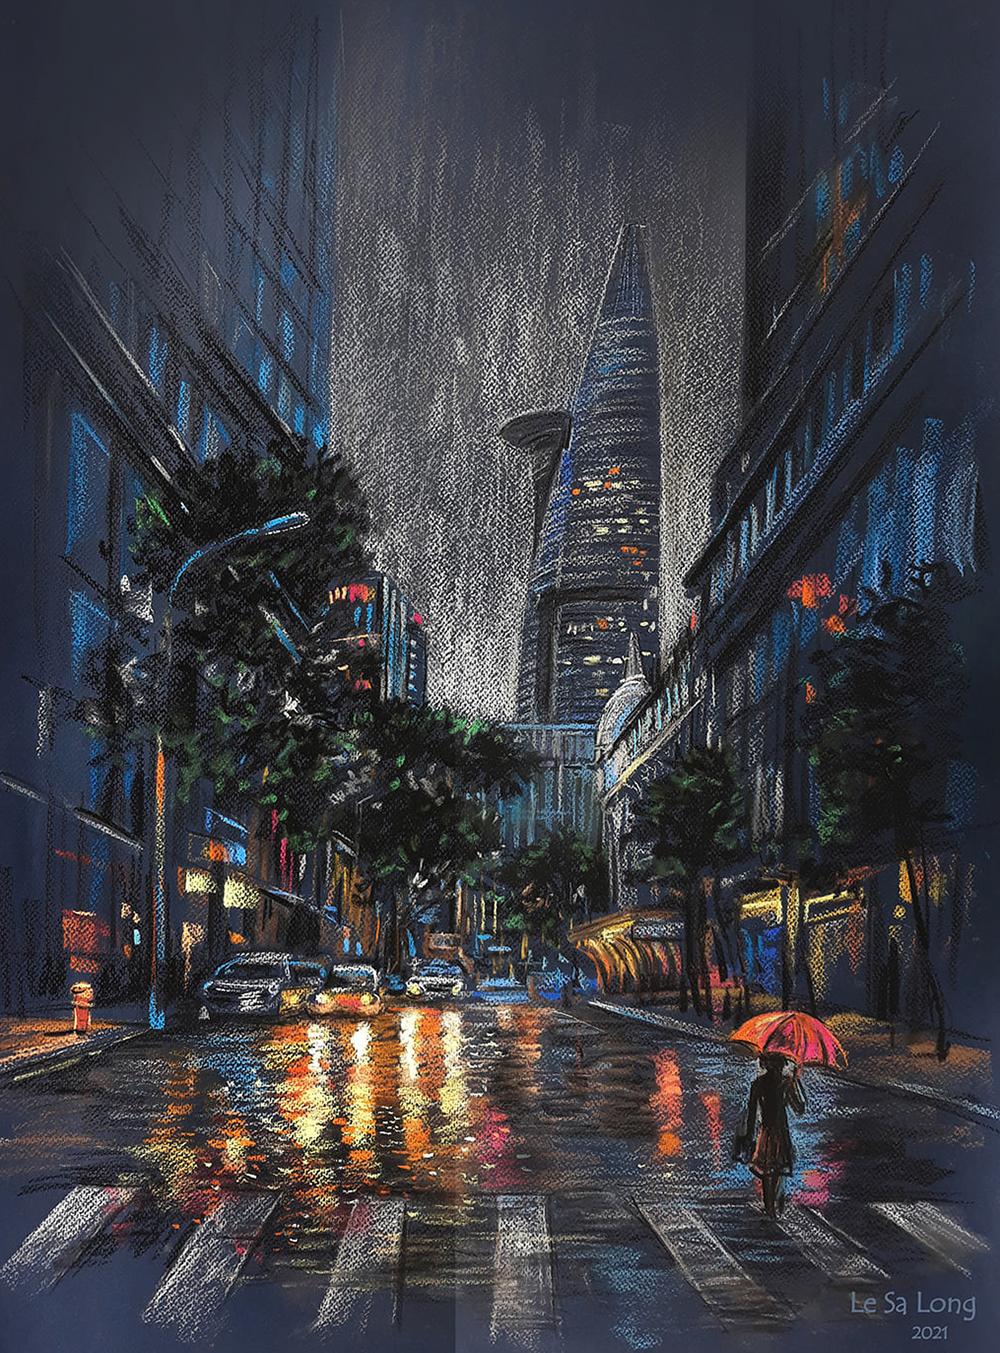 Đường Ngô Đức Kế (quận 1) những ngày đầu giãn cách. Khu phố sầm uất chỉ còn vài ánh đèn vàng le lói dưới cơn mưa đêm.